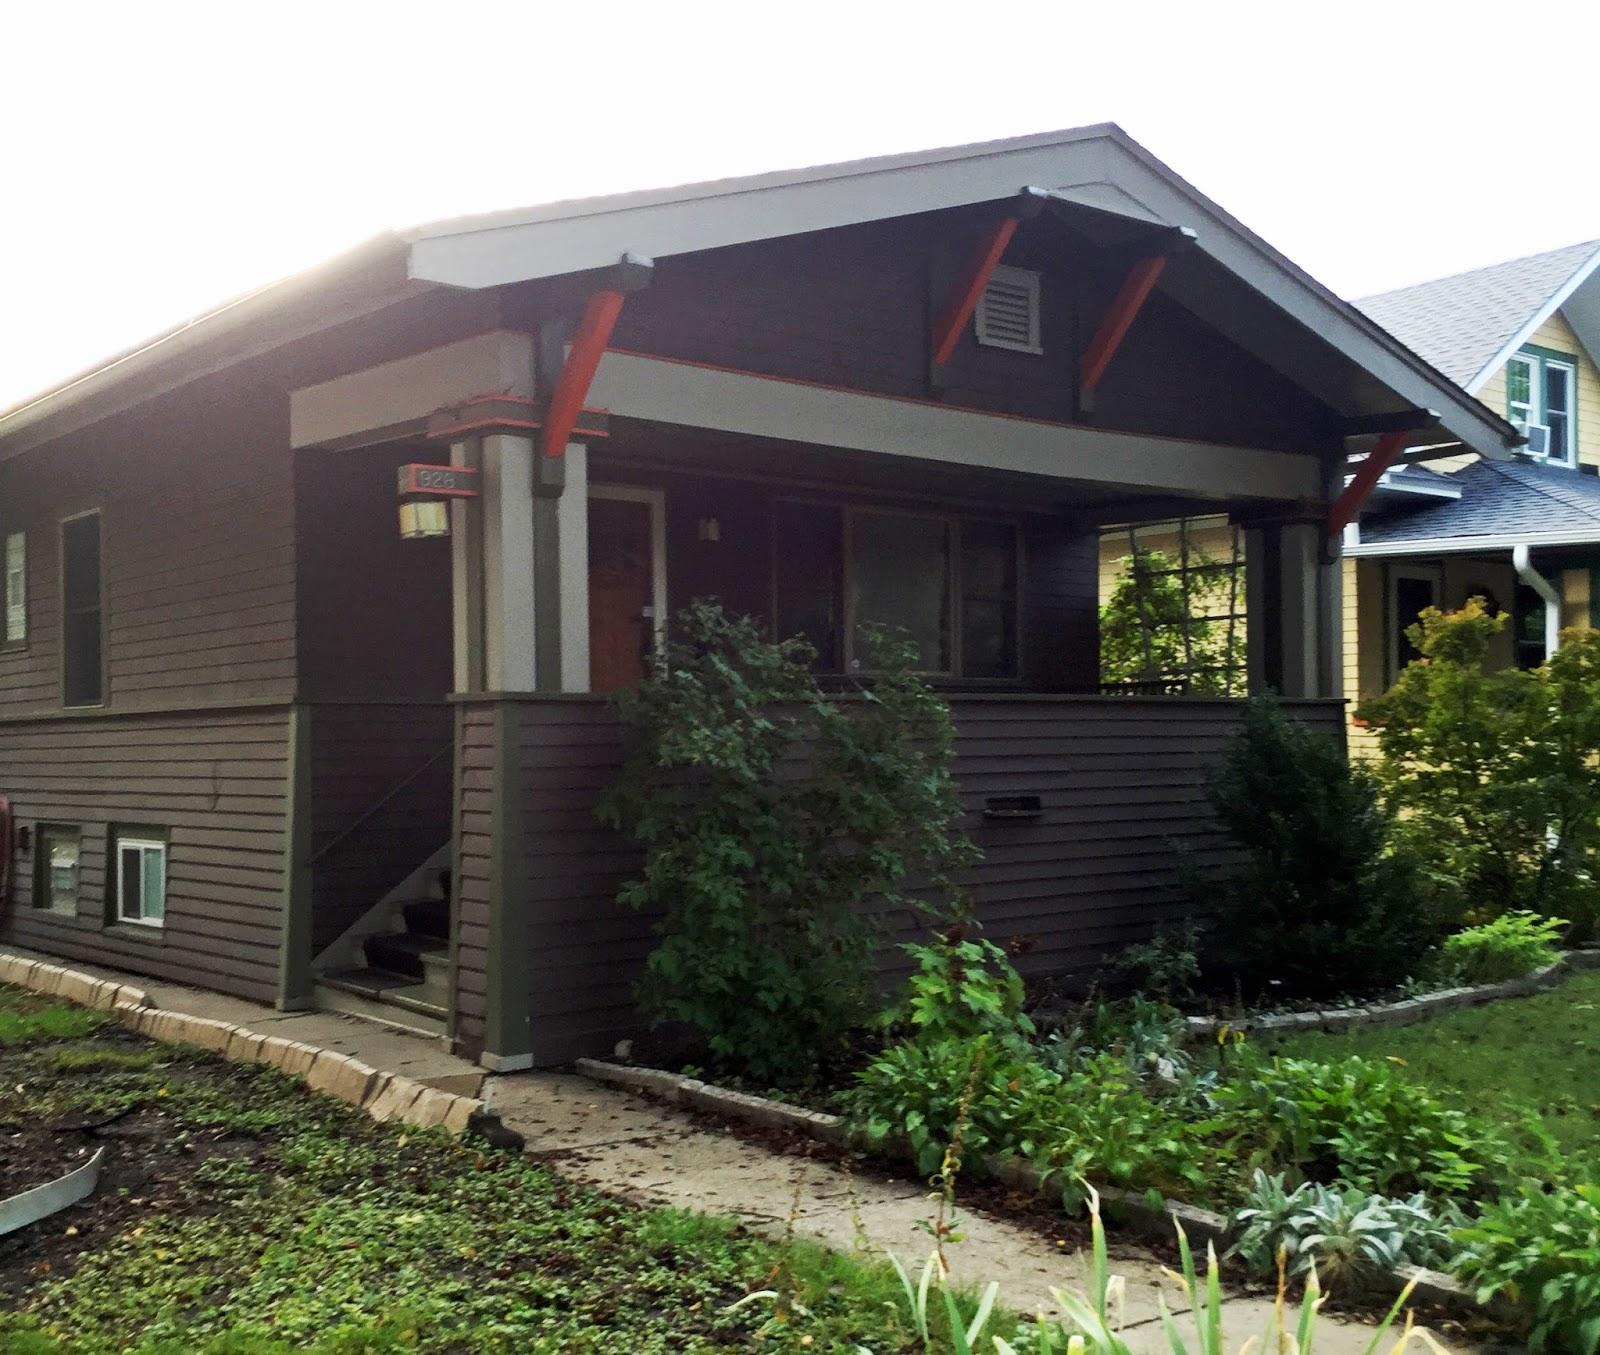 Bungalow Paint Schemes: Our Tiny Oak Park Bungalow